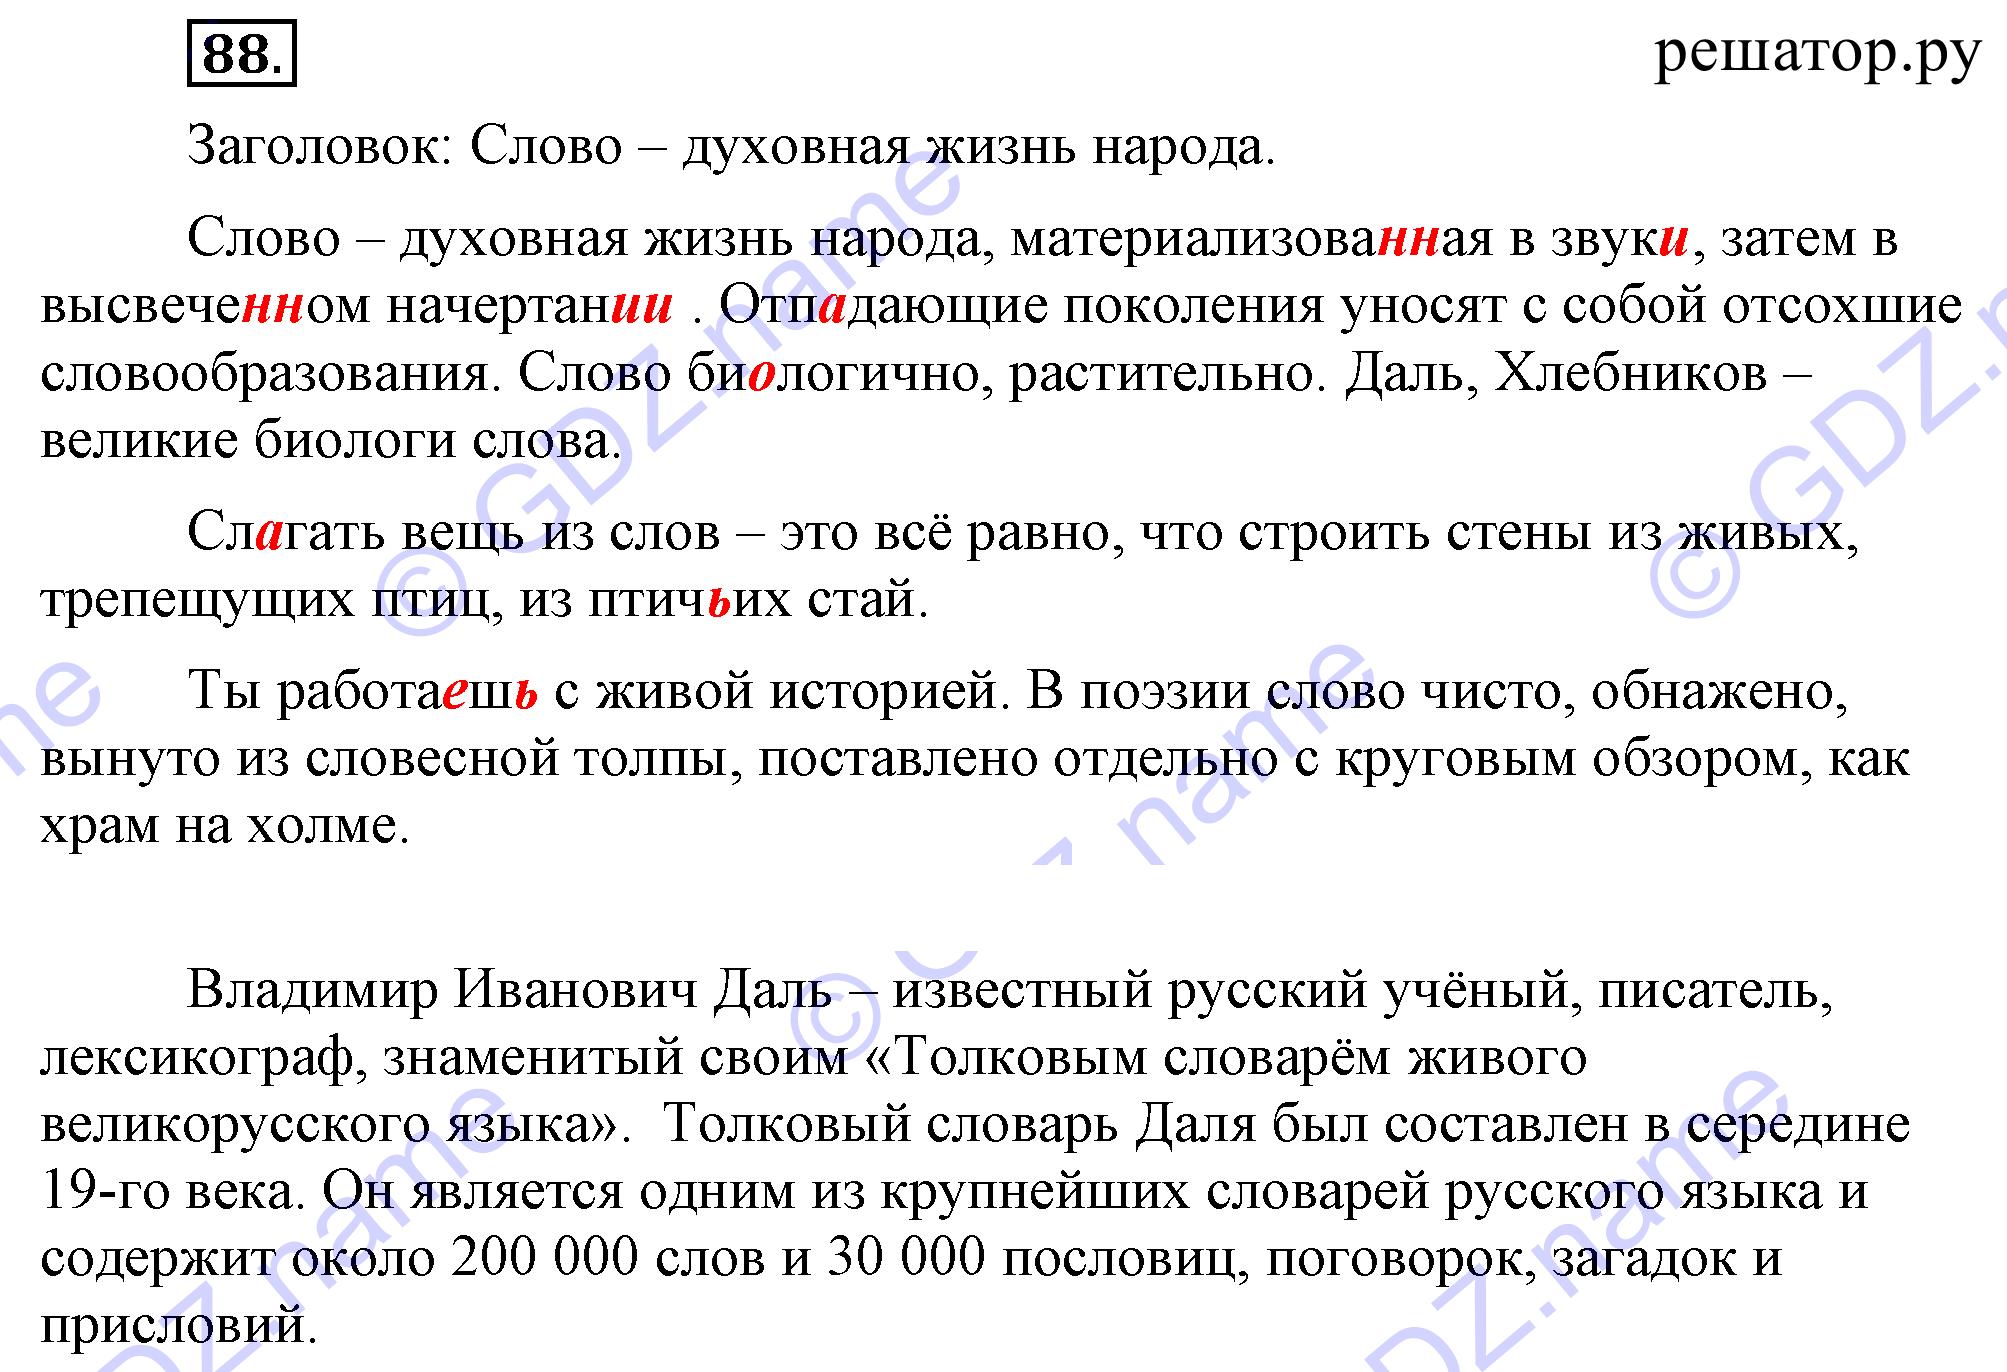 Гдз по книге русского языка львовой 8 класс бесплатно